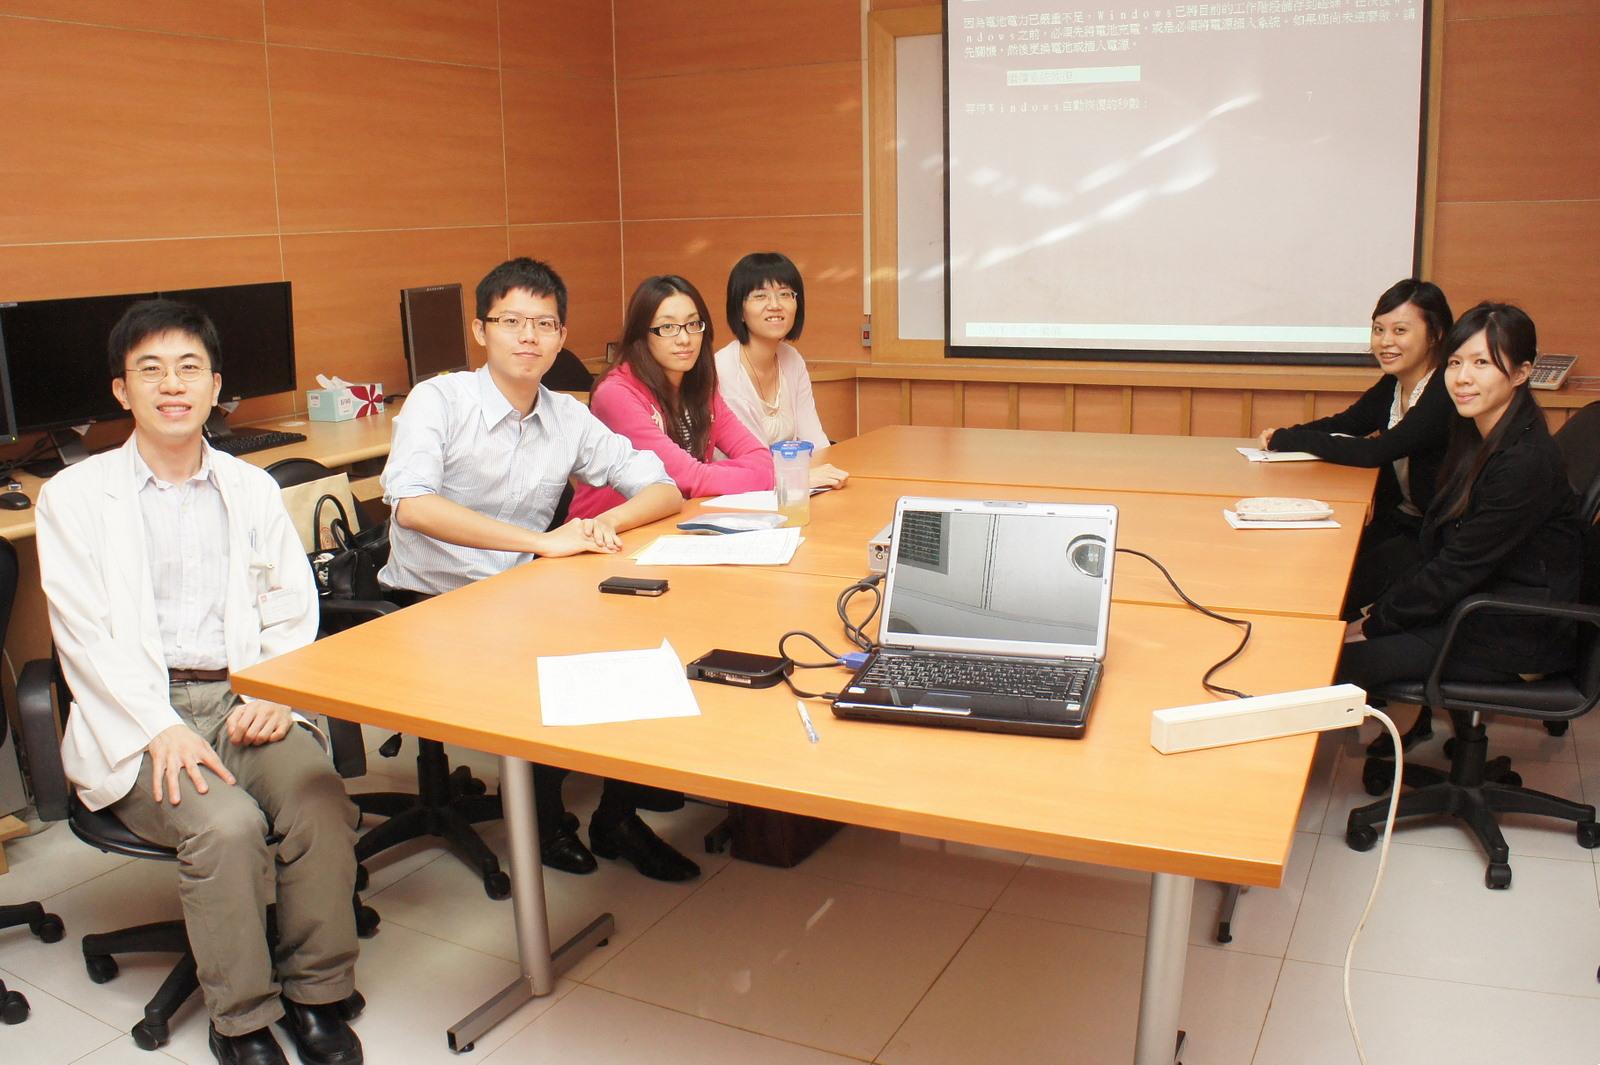 長庚分子影像 - 司法學員參訪分子影像中心